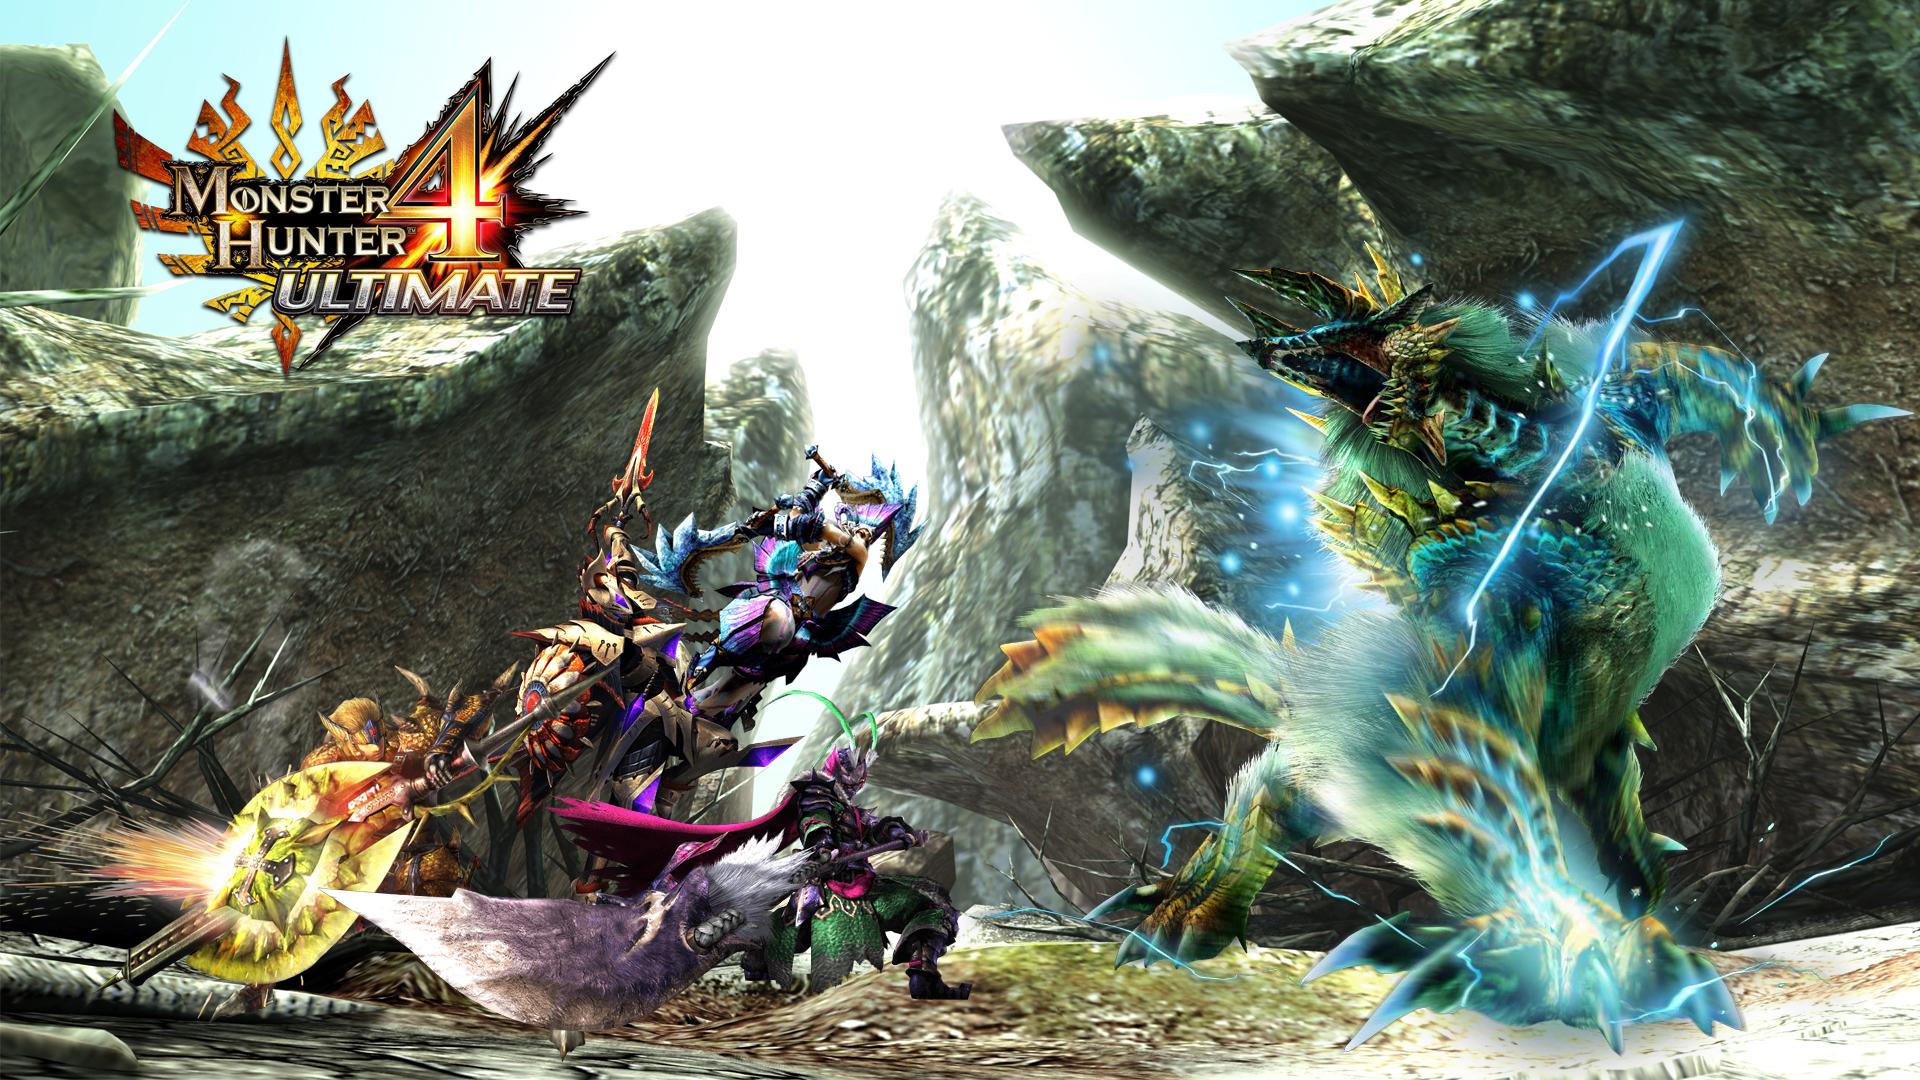 Monster Hunter 4 Ultimate wallpaper